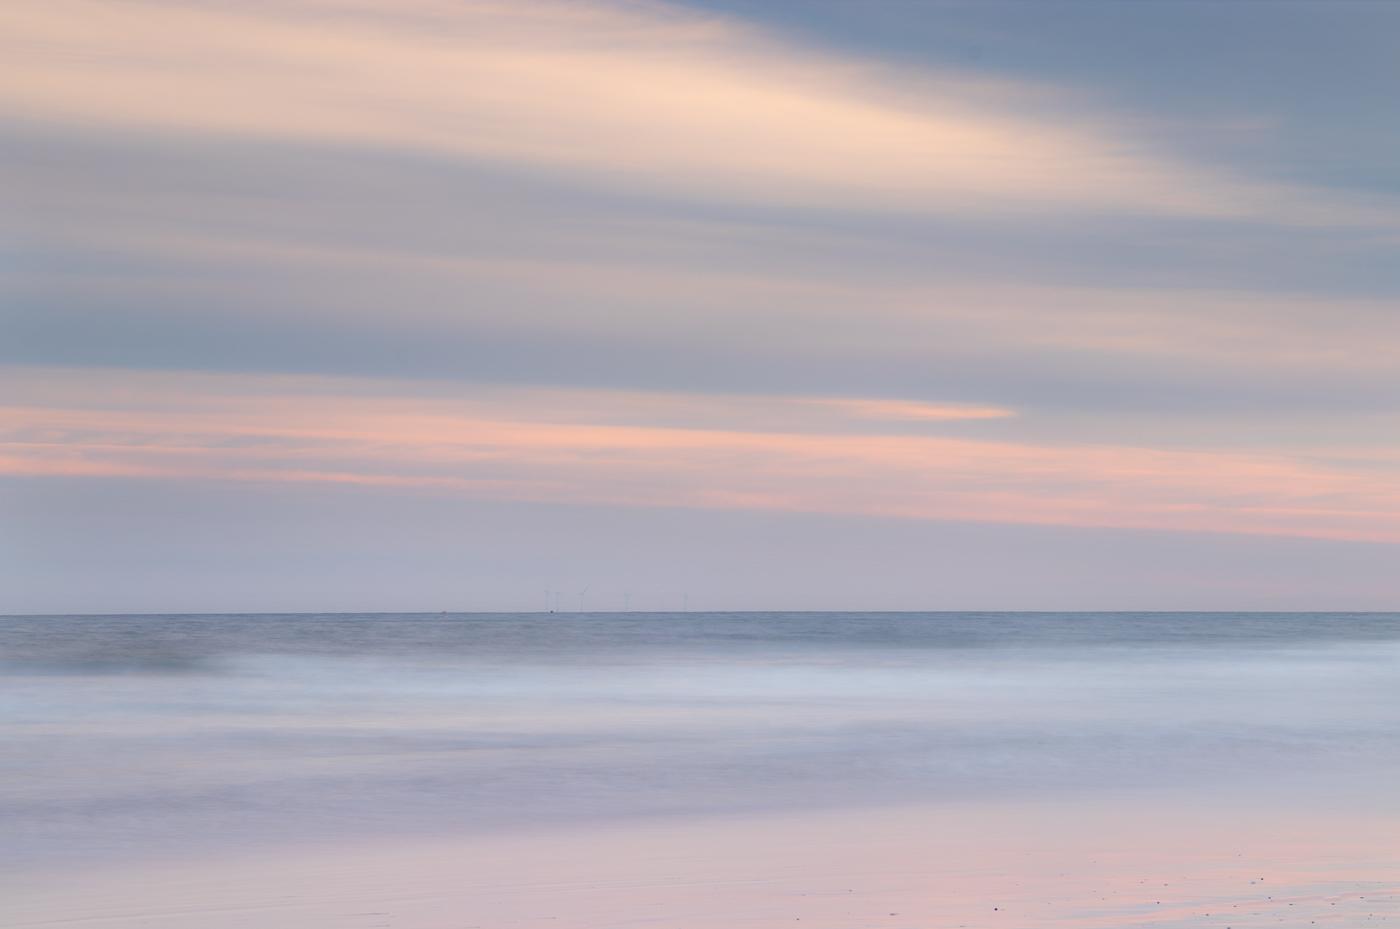 Pastel sunset at Druridge Bay